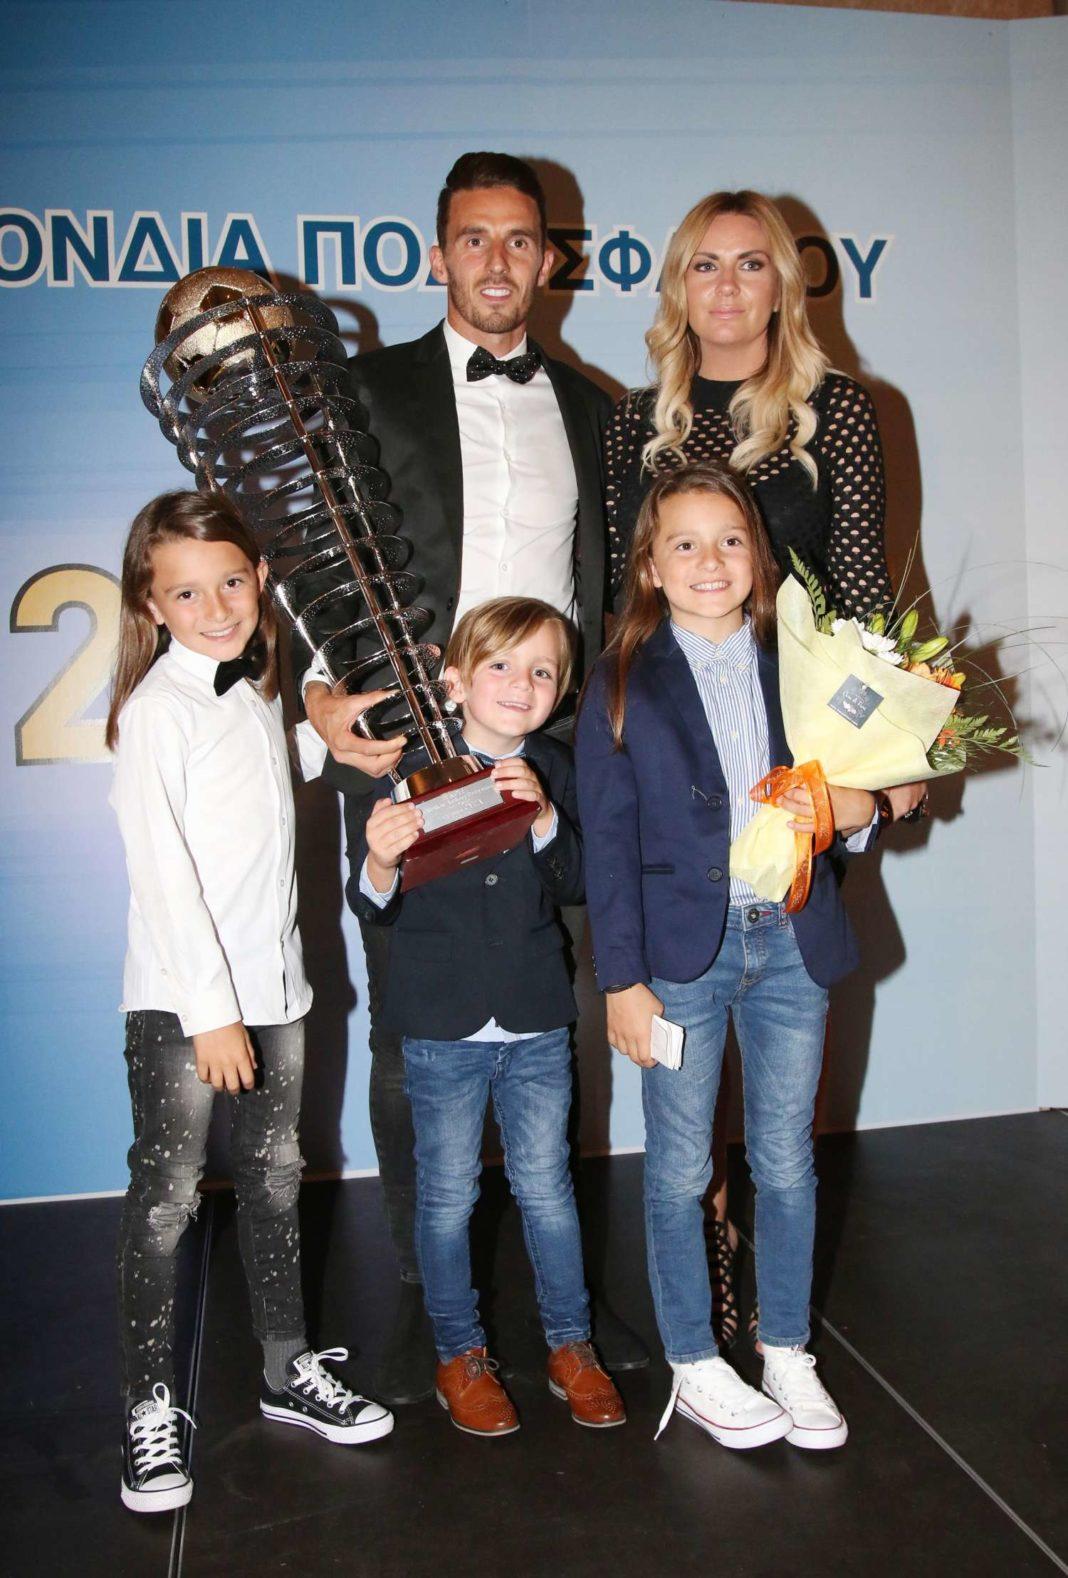 Περήφανη οικογένεια!